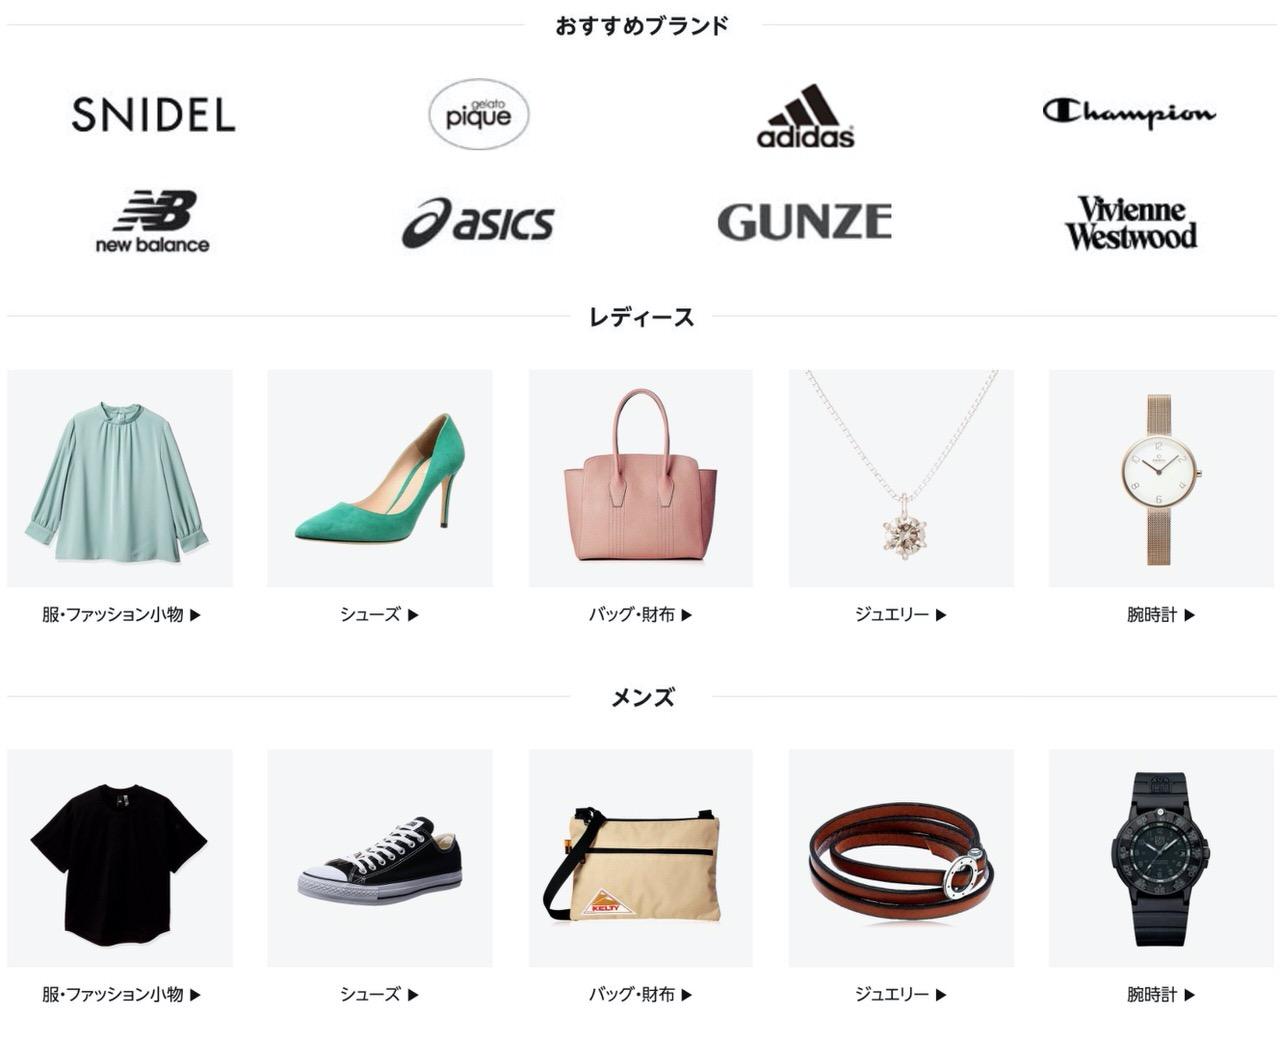 Amazon、服・シューズ・バッグ・腕時計などがクーポンで10%OFFになるキャンペーン実施中(9/30まで)